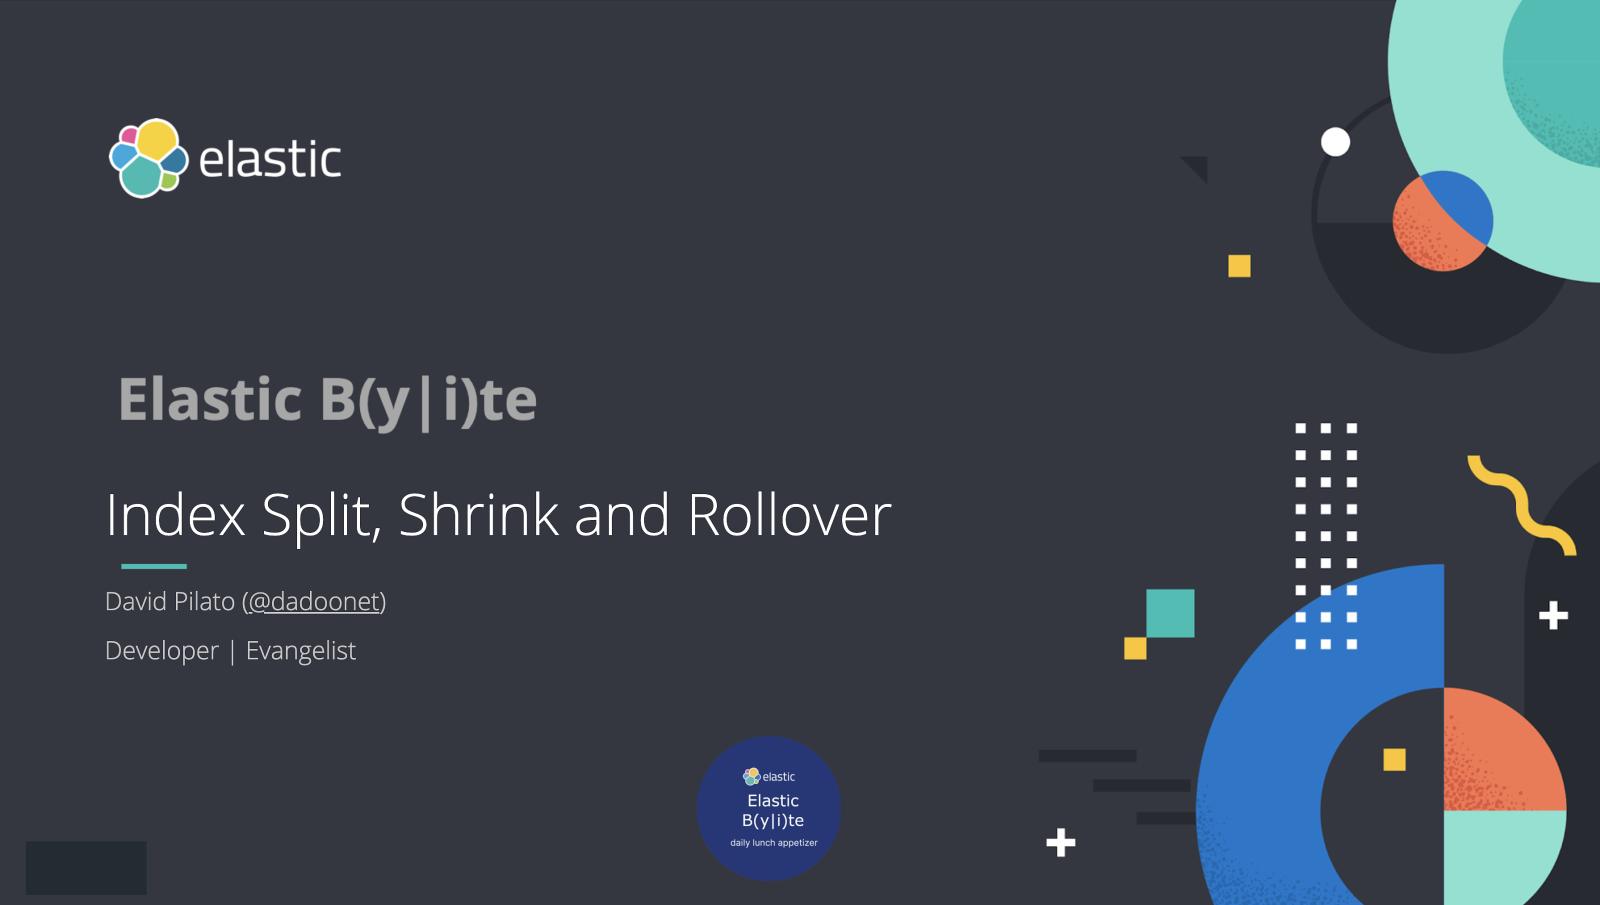 Index Split, Shrink and Rollover